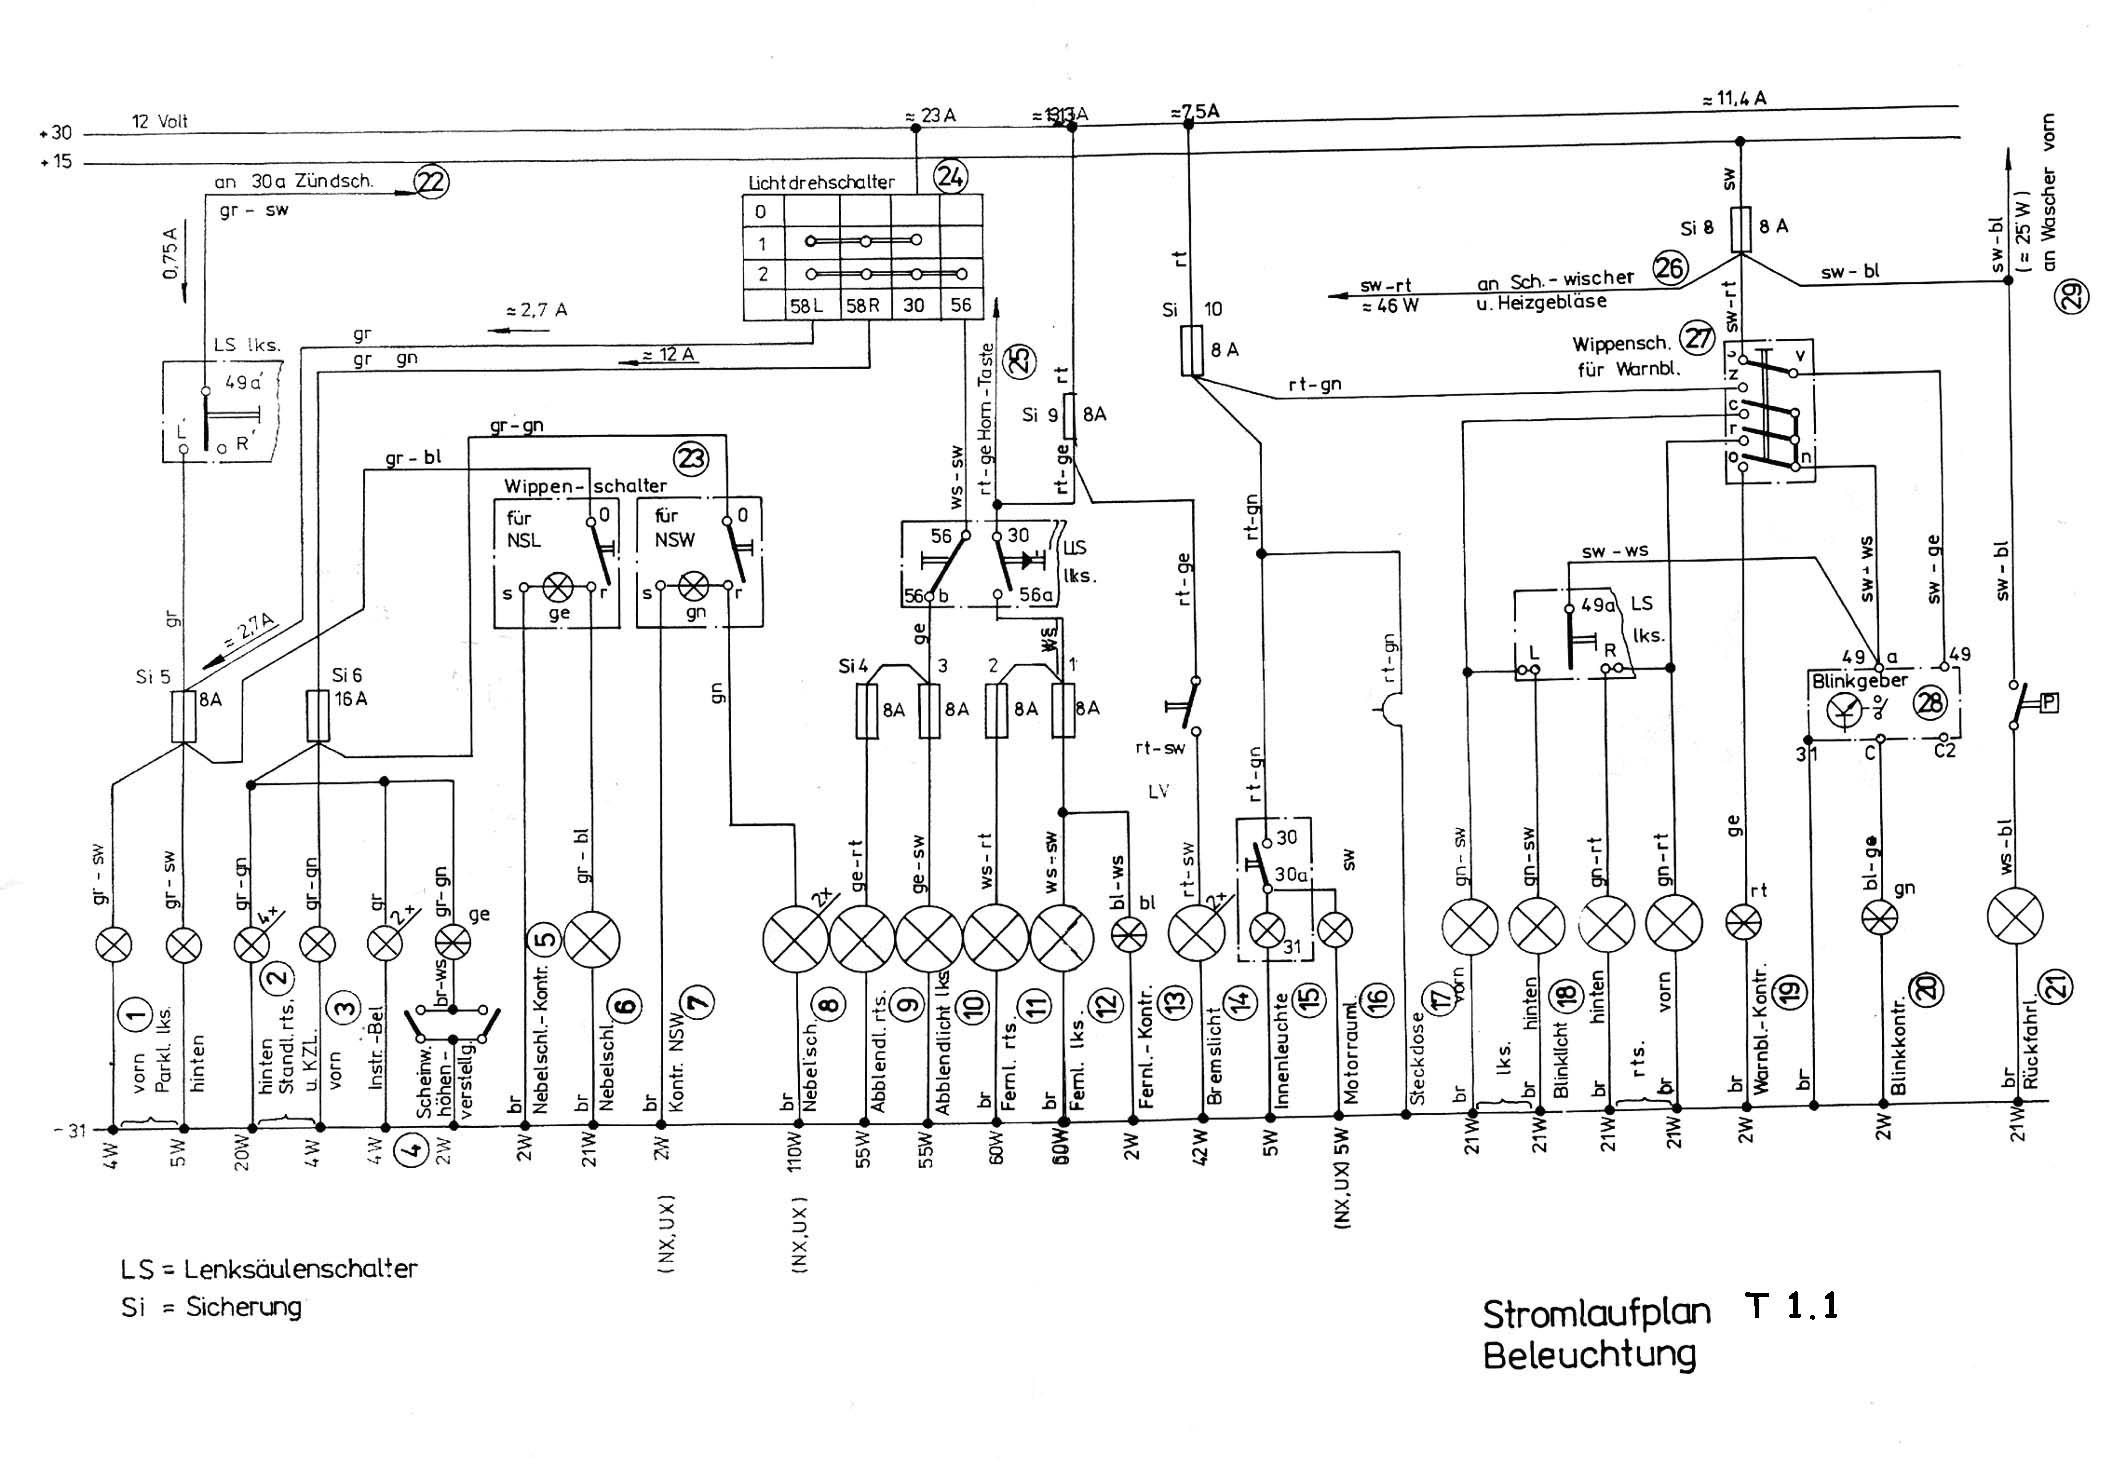 Großzügig Schaltplan Für Beleuchtungsstromkreis Fotos - Elektrische ...